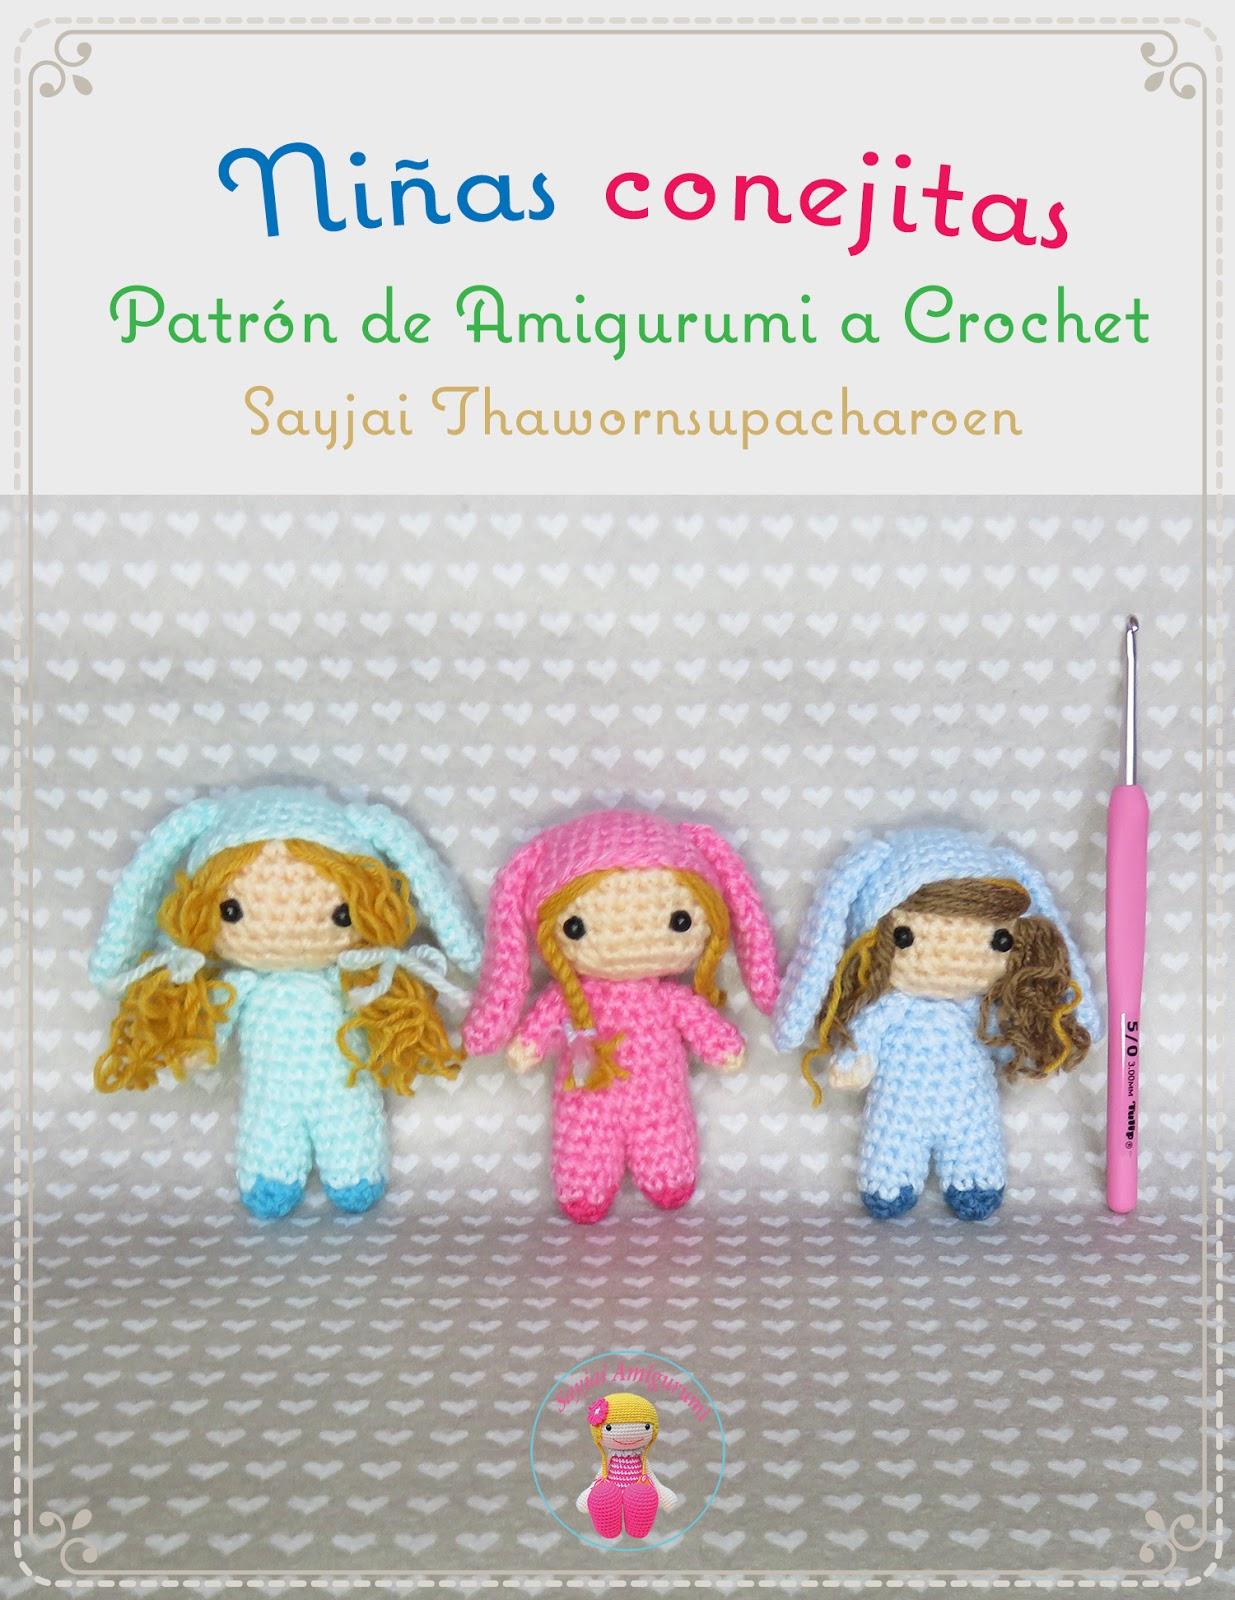 Niñas conejitas, Patrón Gratis de Amigurumi a Crochet - Los patrones ...